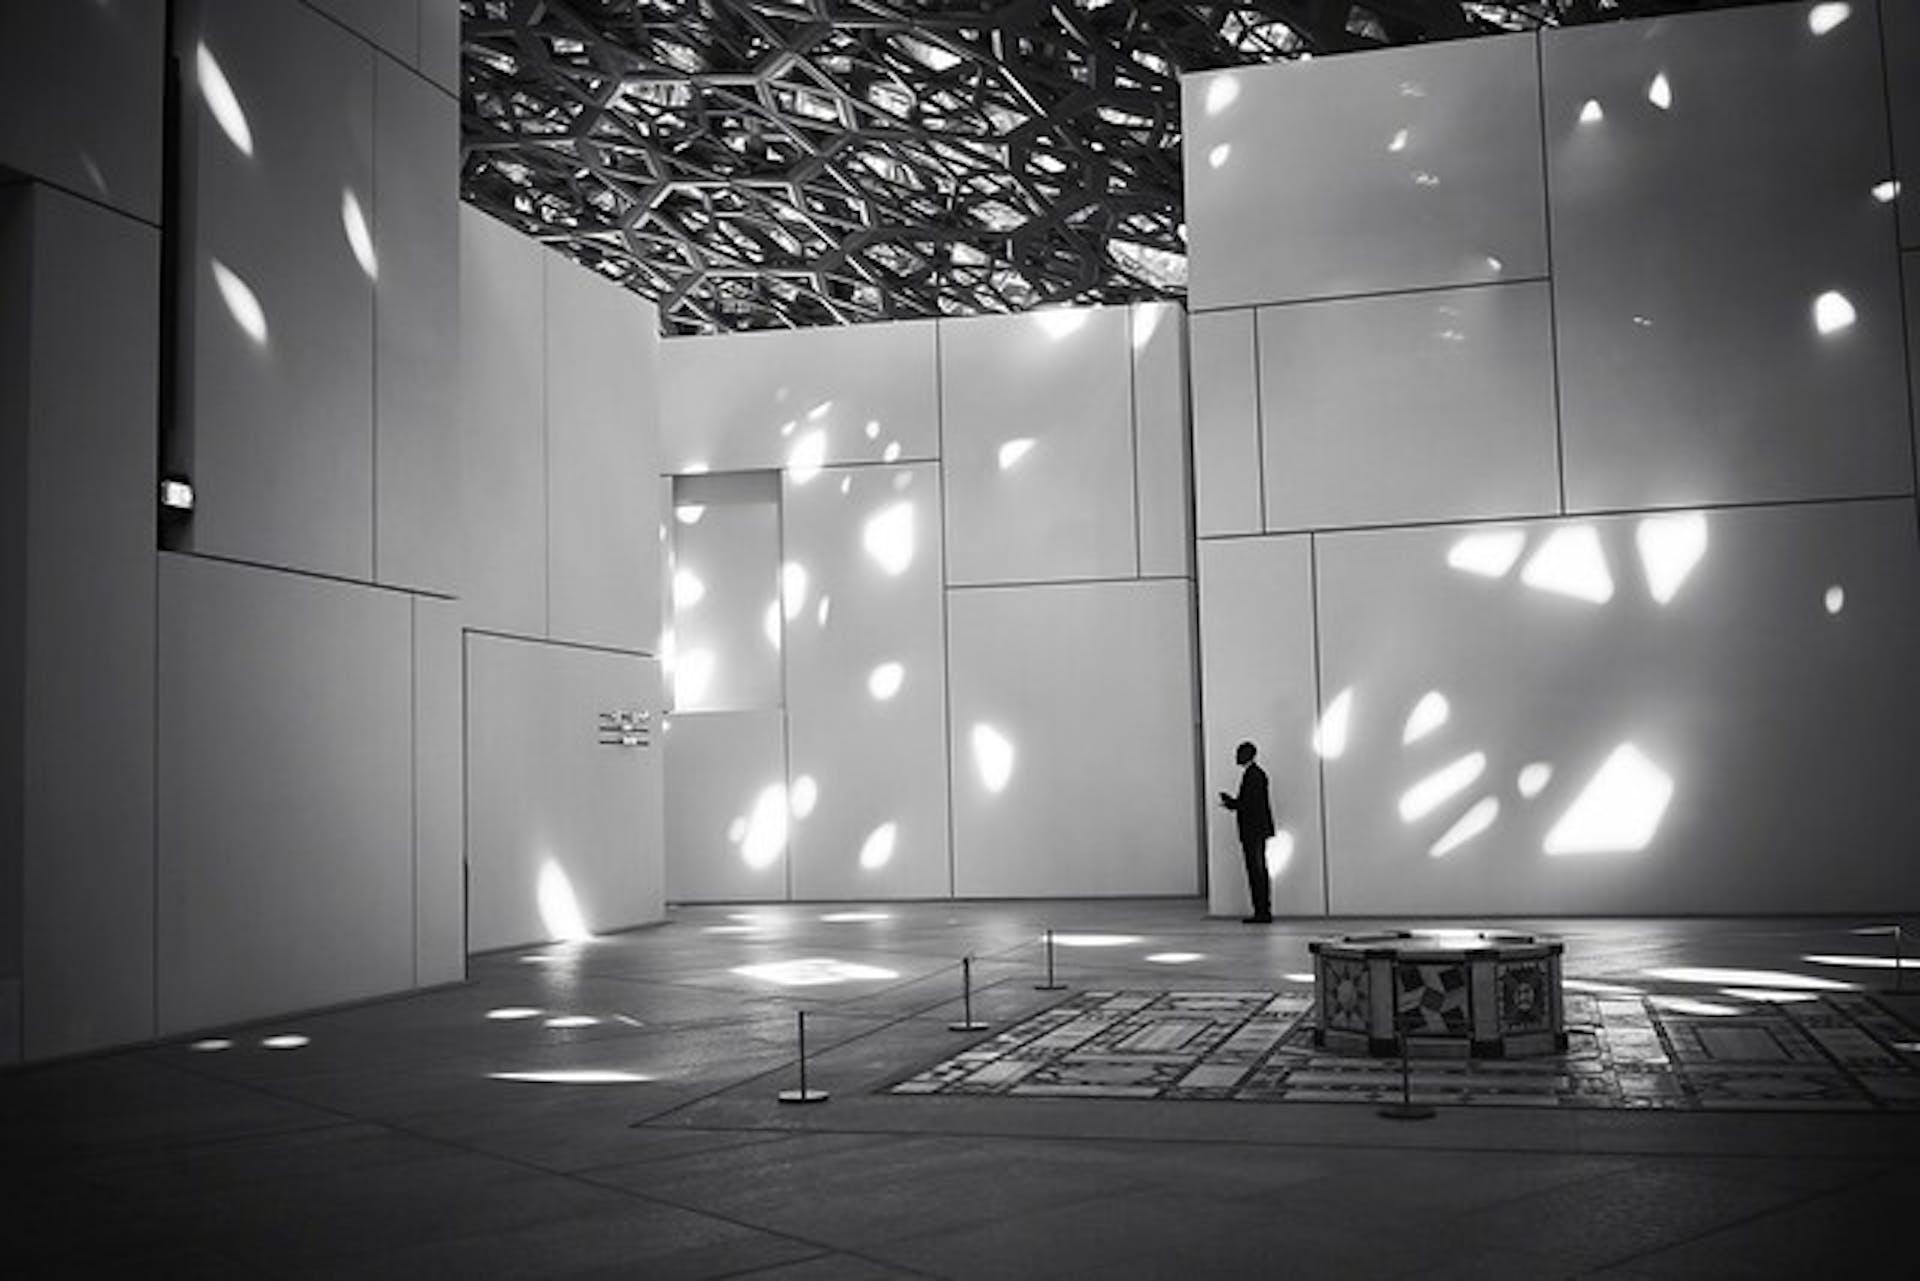 ¡Haz de tus espacios un lugar irresistible! Conoce la importancia de la luz en la arquitectura.